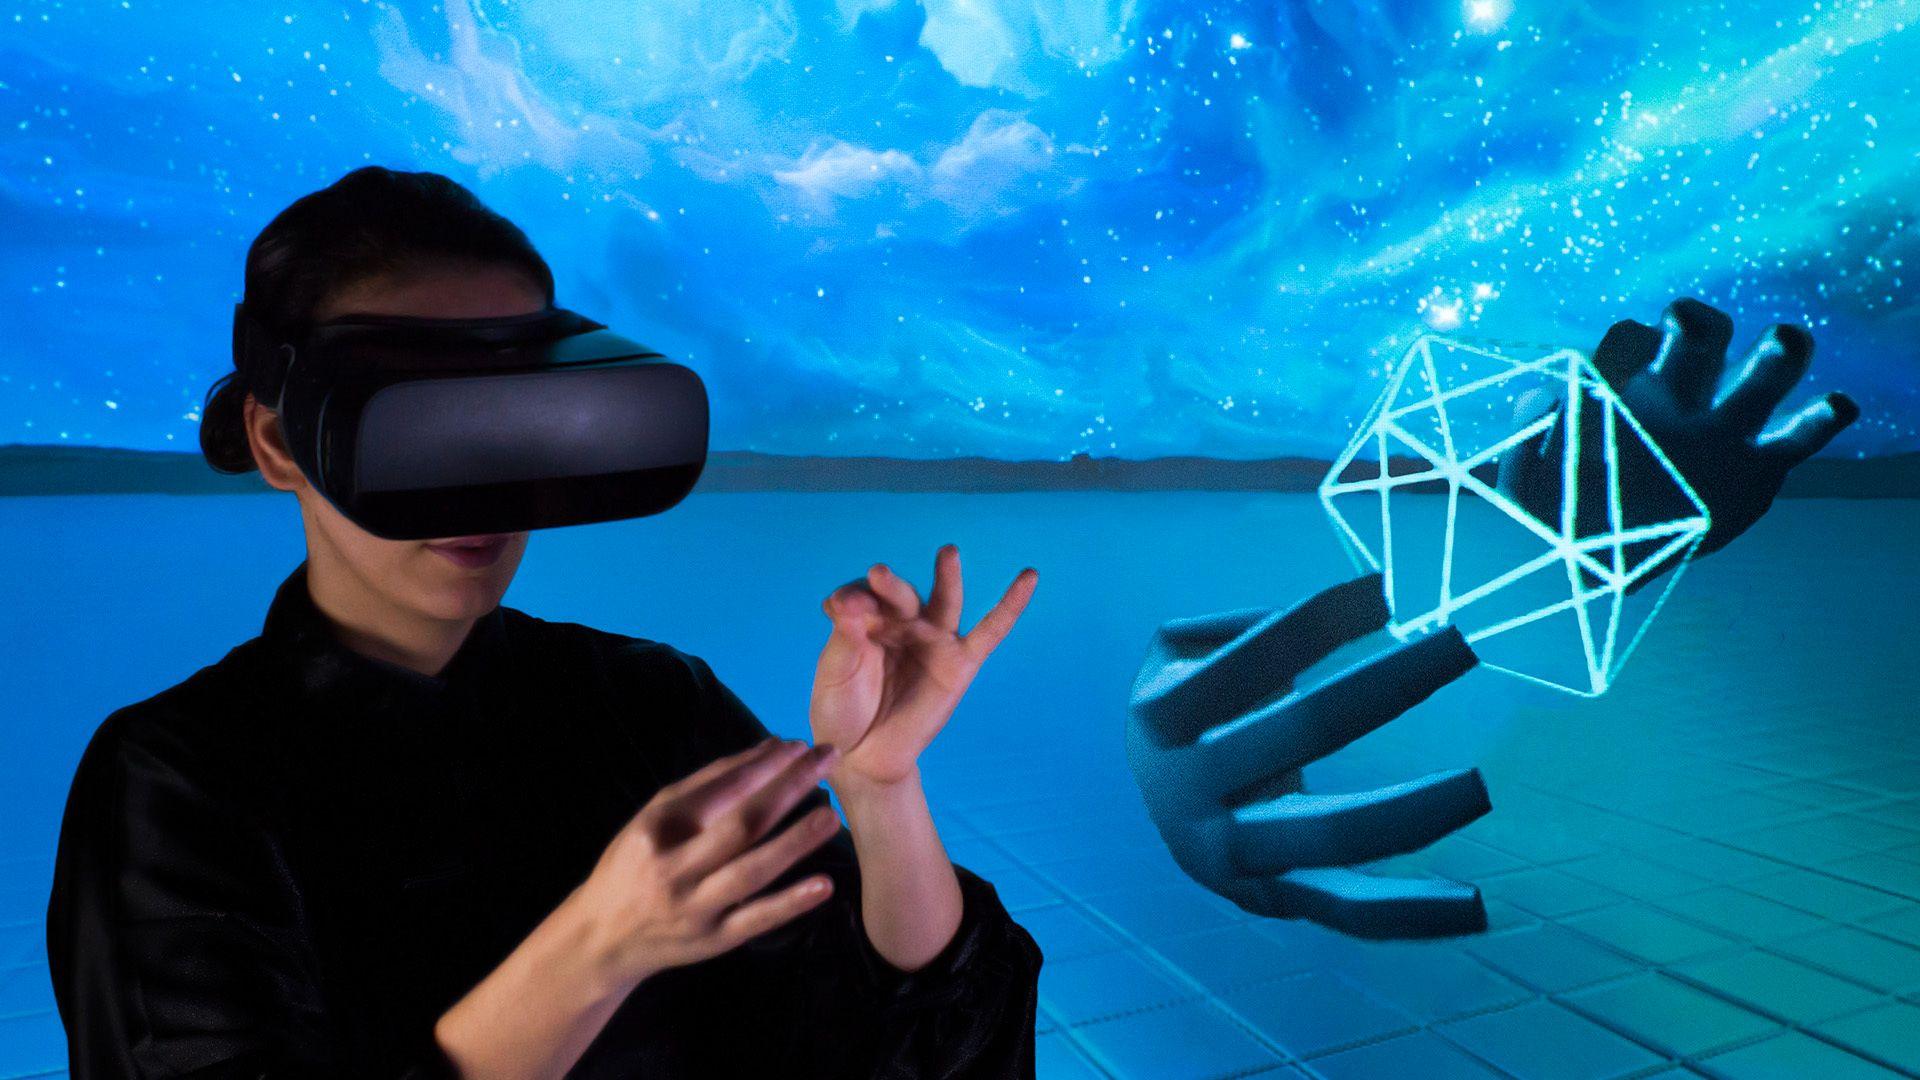 Med Leap Motion-teknologien kan du bruke hendene dine på en naturlig måte med mobile VR-briller. Dette er et urelatert illustrasjonsbilde fra Leap Motion.